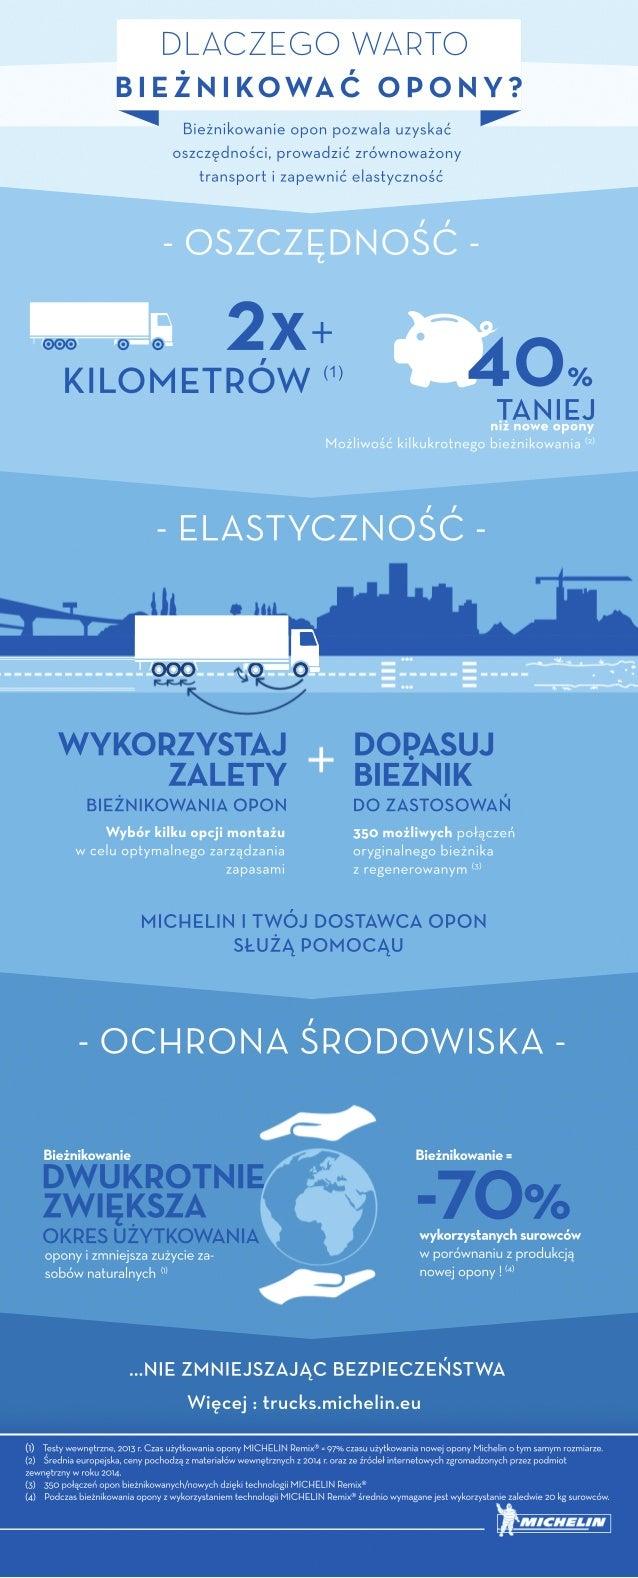 NIEZMNIEJSZAJĄCBEZPIECZEŃSTWA Więcej:trucks.michelin.eu Możliwośćkilkukrotnegobieżnikowania(2) niżnoyeopony TANIEJ ﹢ KIL...